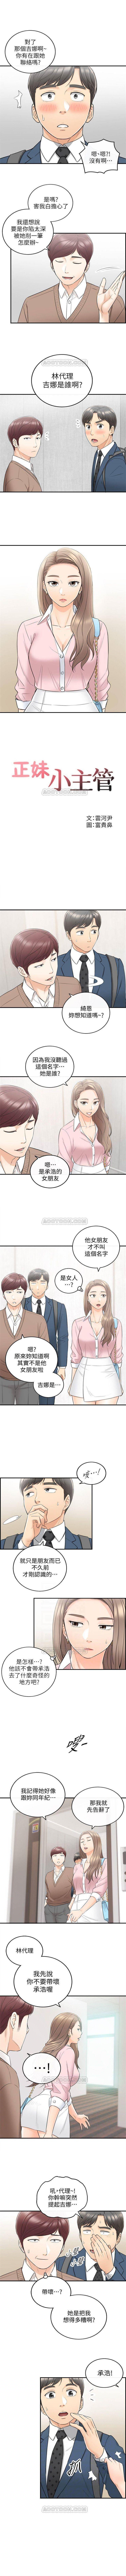 (週5)正妹小主管 1-39 中文翻譯(更新中) 144